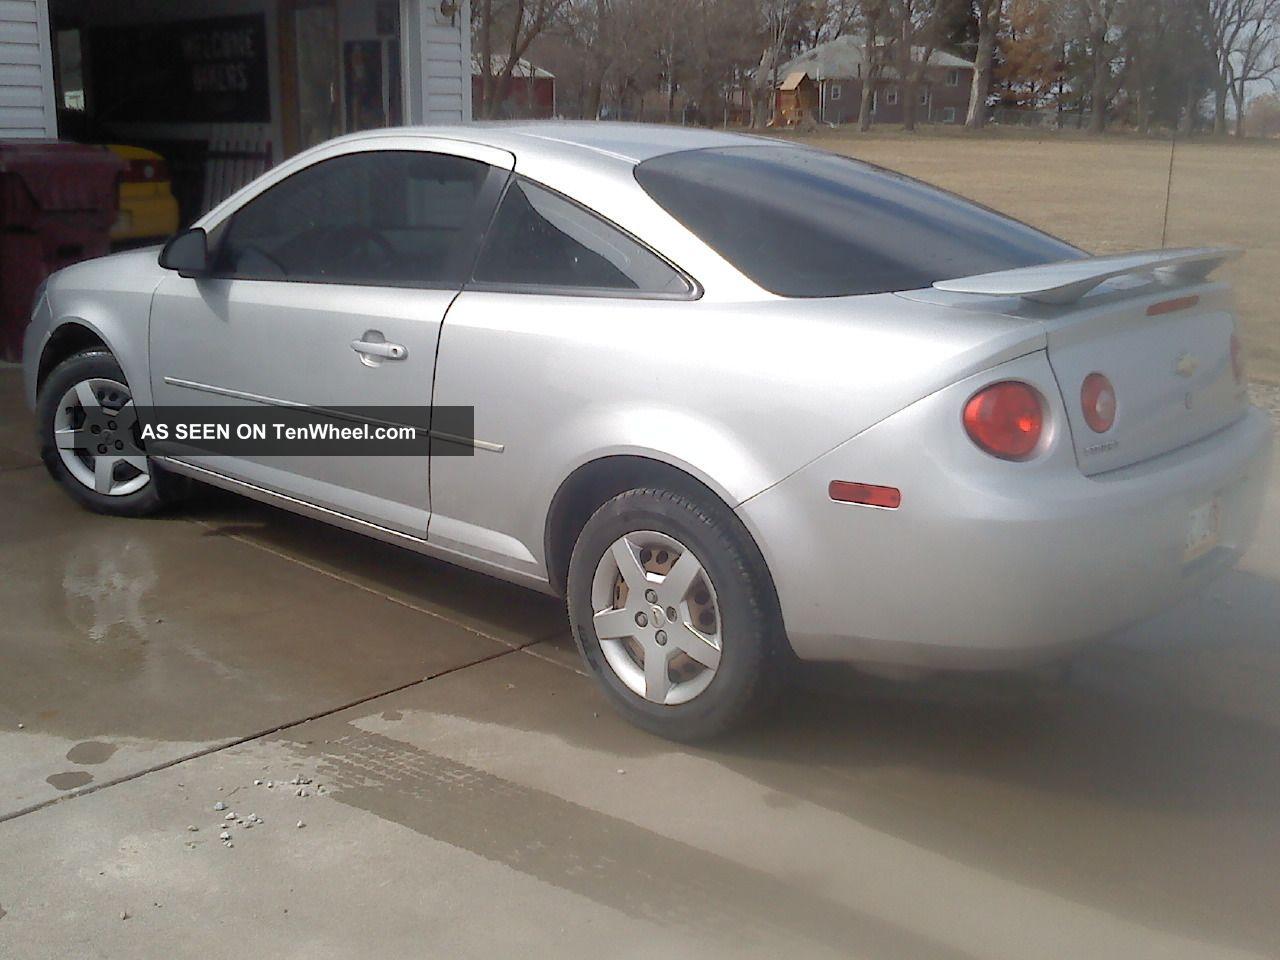 2005 chevrolet cobalt 4 door interior specs price for 05 chevy cobalt 4 door